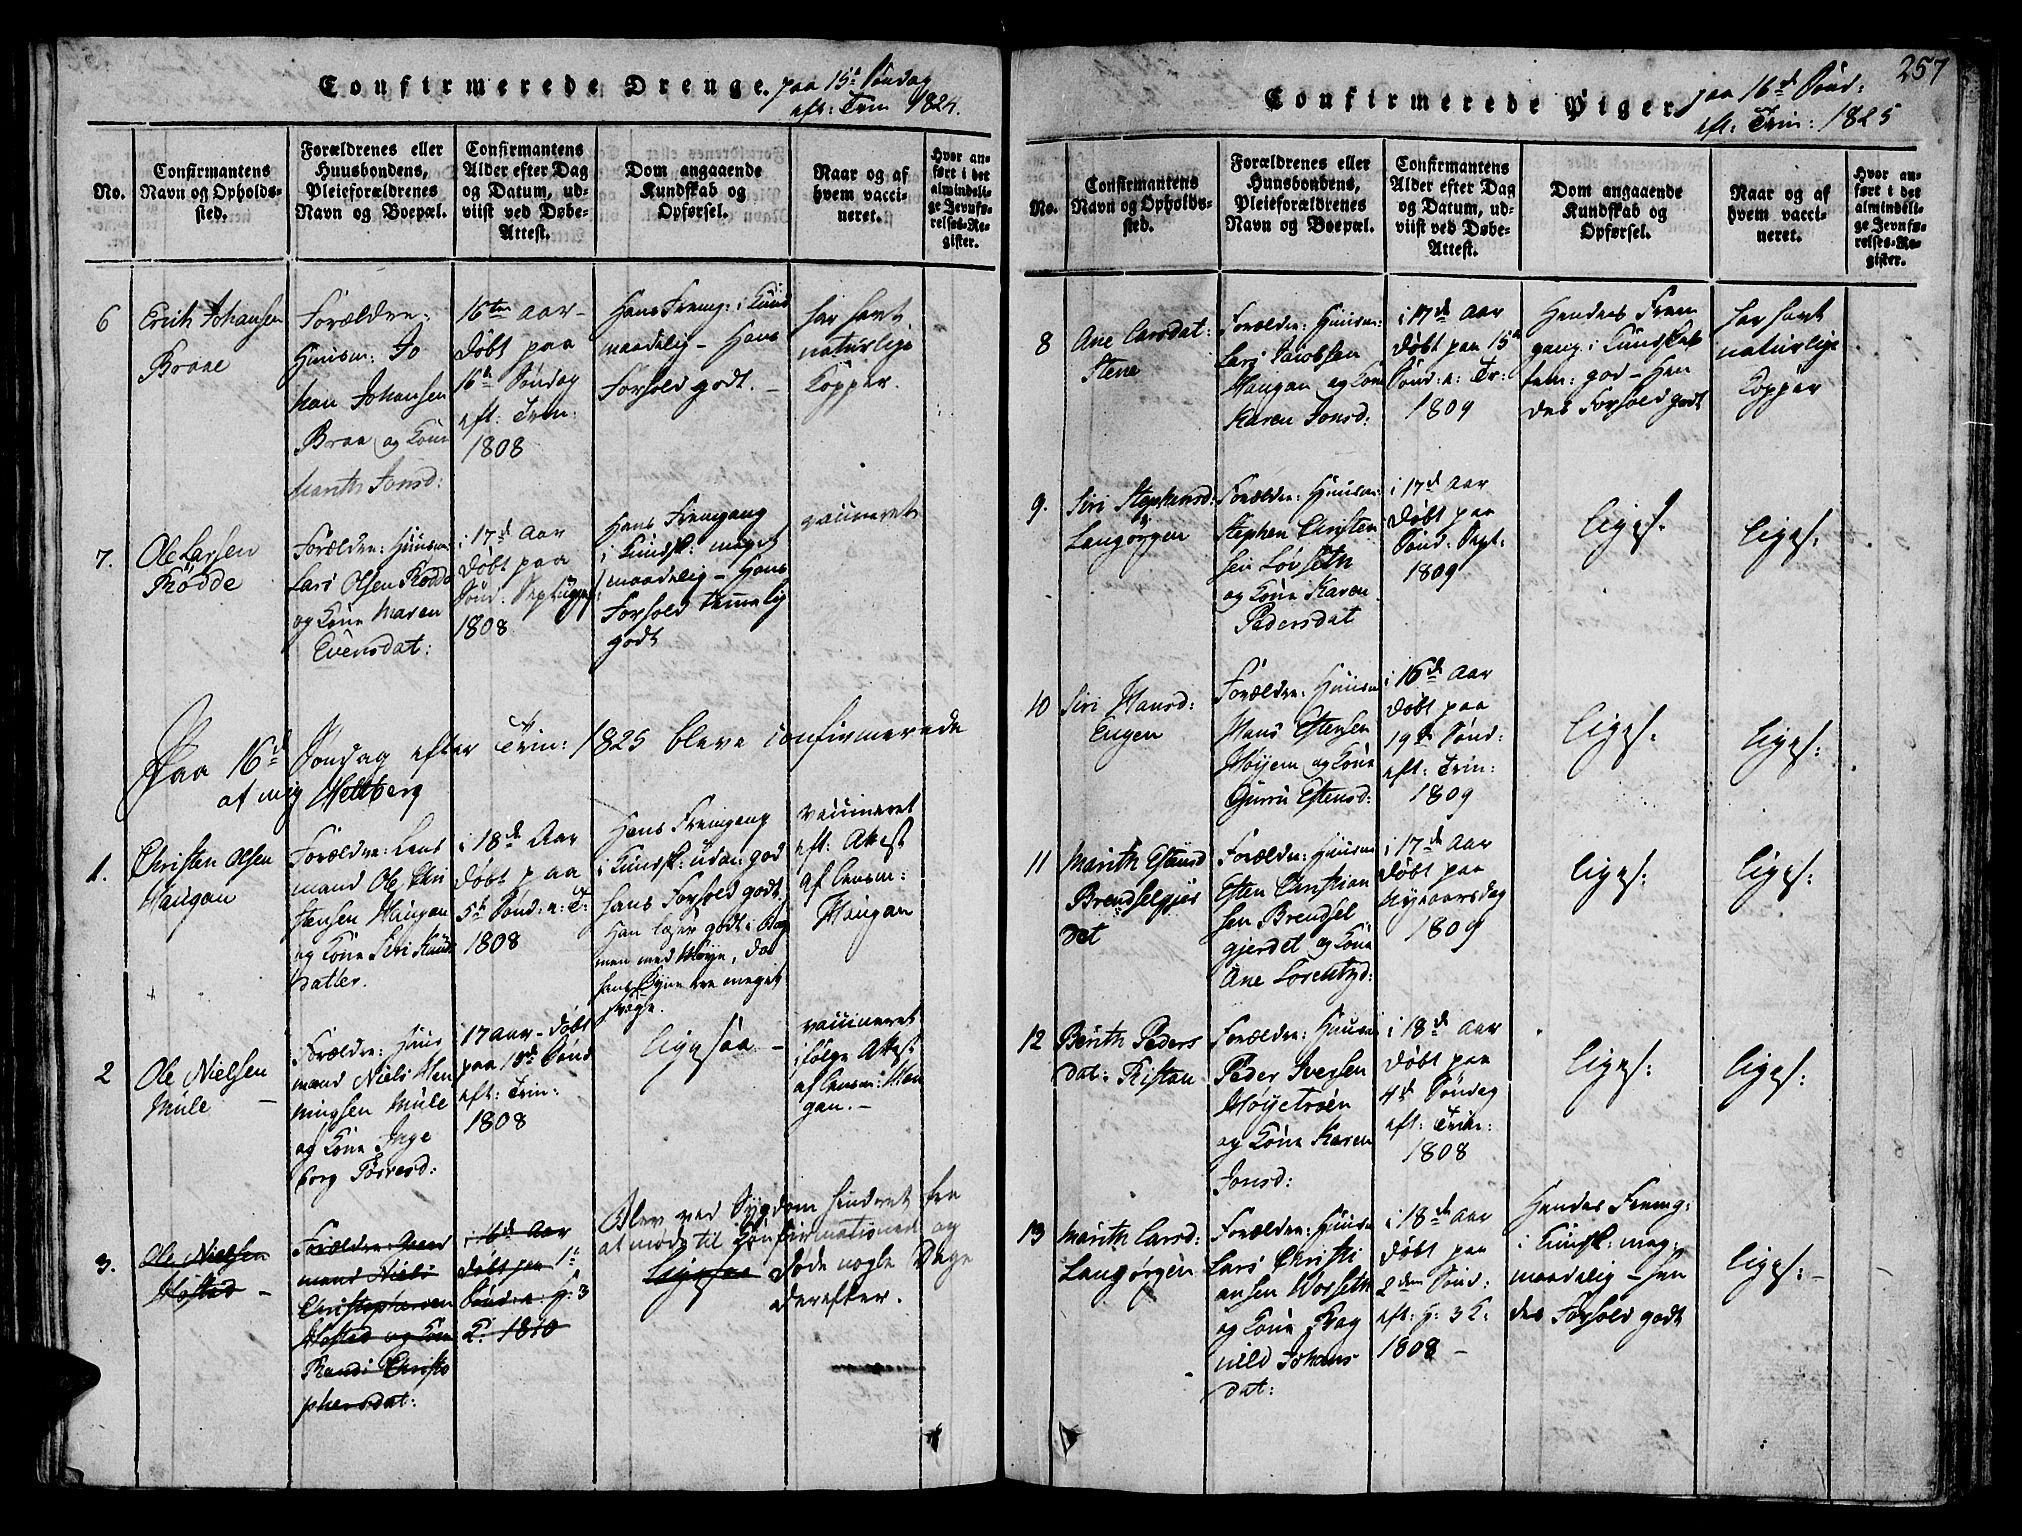 SAT, Ministerialprotokoller, klokkerbøker og fødselsregistre - Sør-Trøndelag, 612/L0372: Ministerialbok nr. 612A06 /1, 1816-1828, s. 257